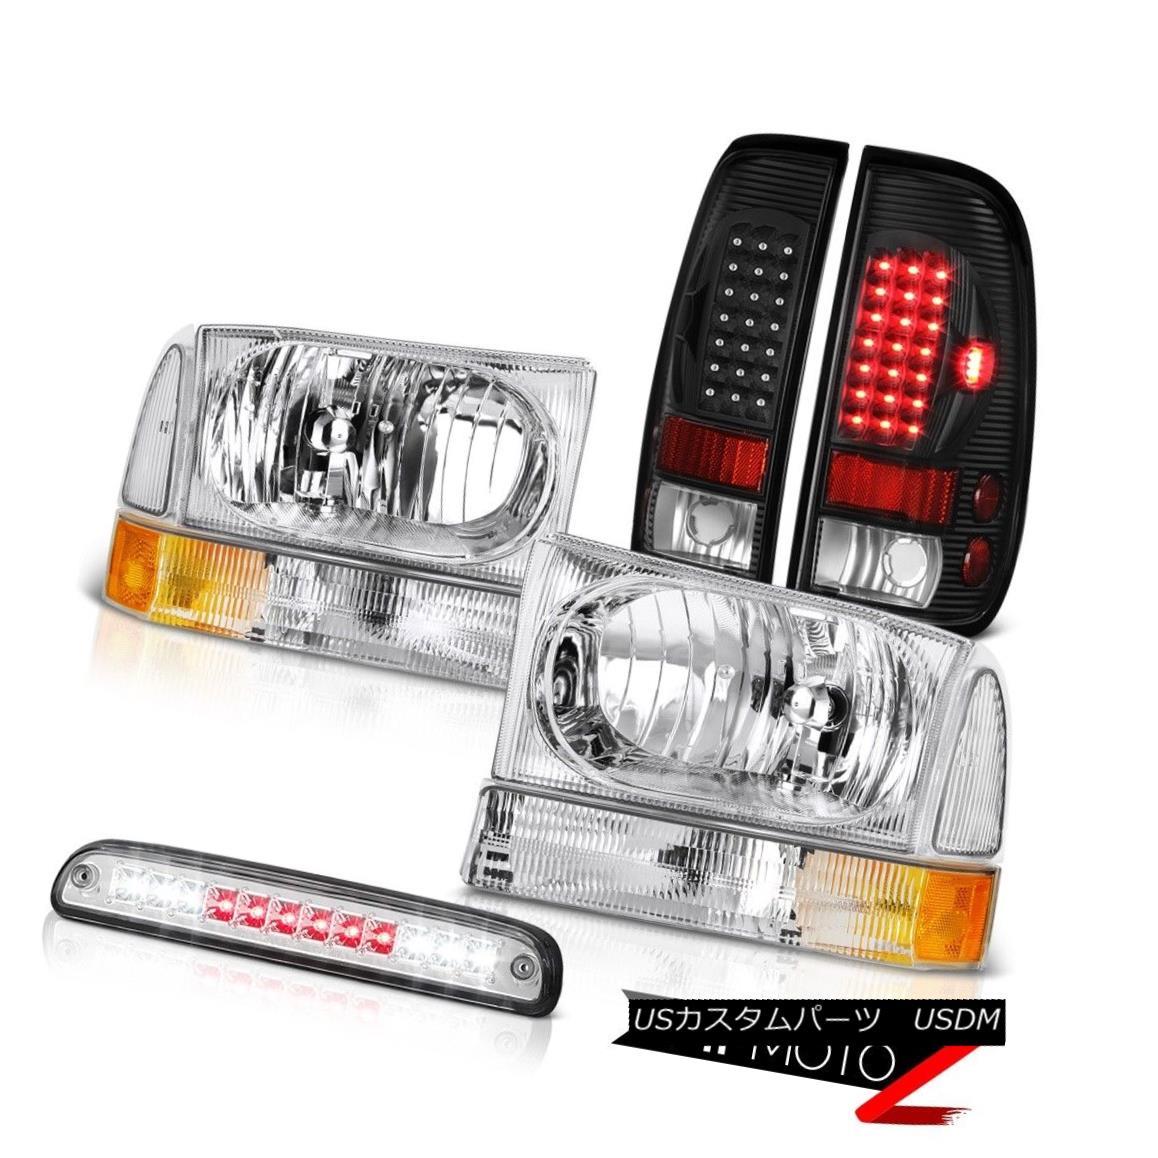 テールライト Euro Headlights High Stop LED L.E.D Rear Tail Light 99 00 01 02 03 04 F350 7.3L ユーロヘッドライトハイストップLED L.E.Dリアテールライト99 00 01 02 03 04 F350 7.3L